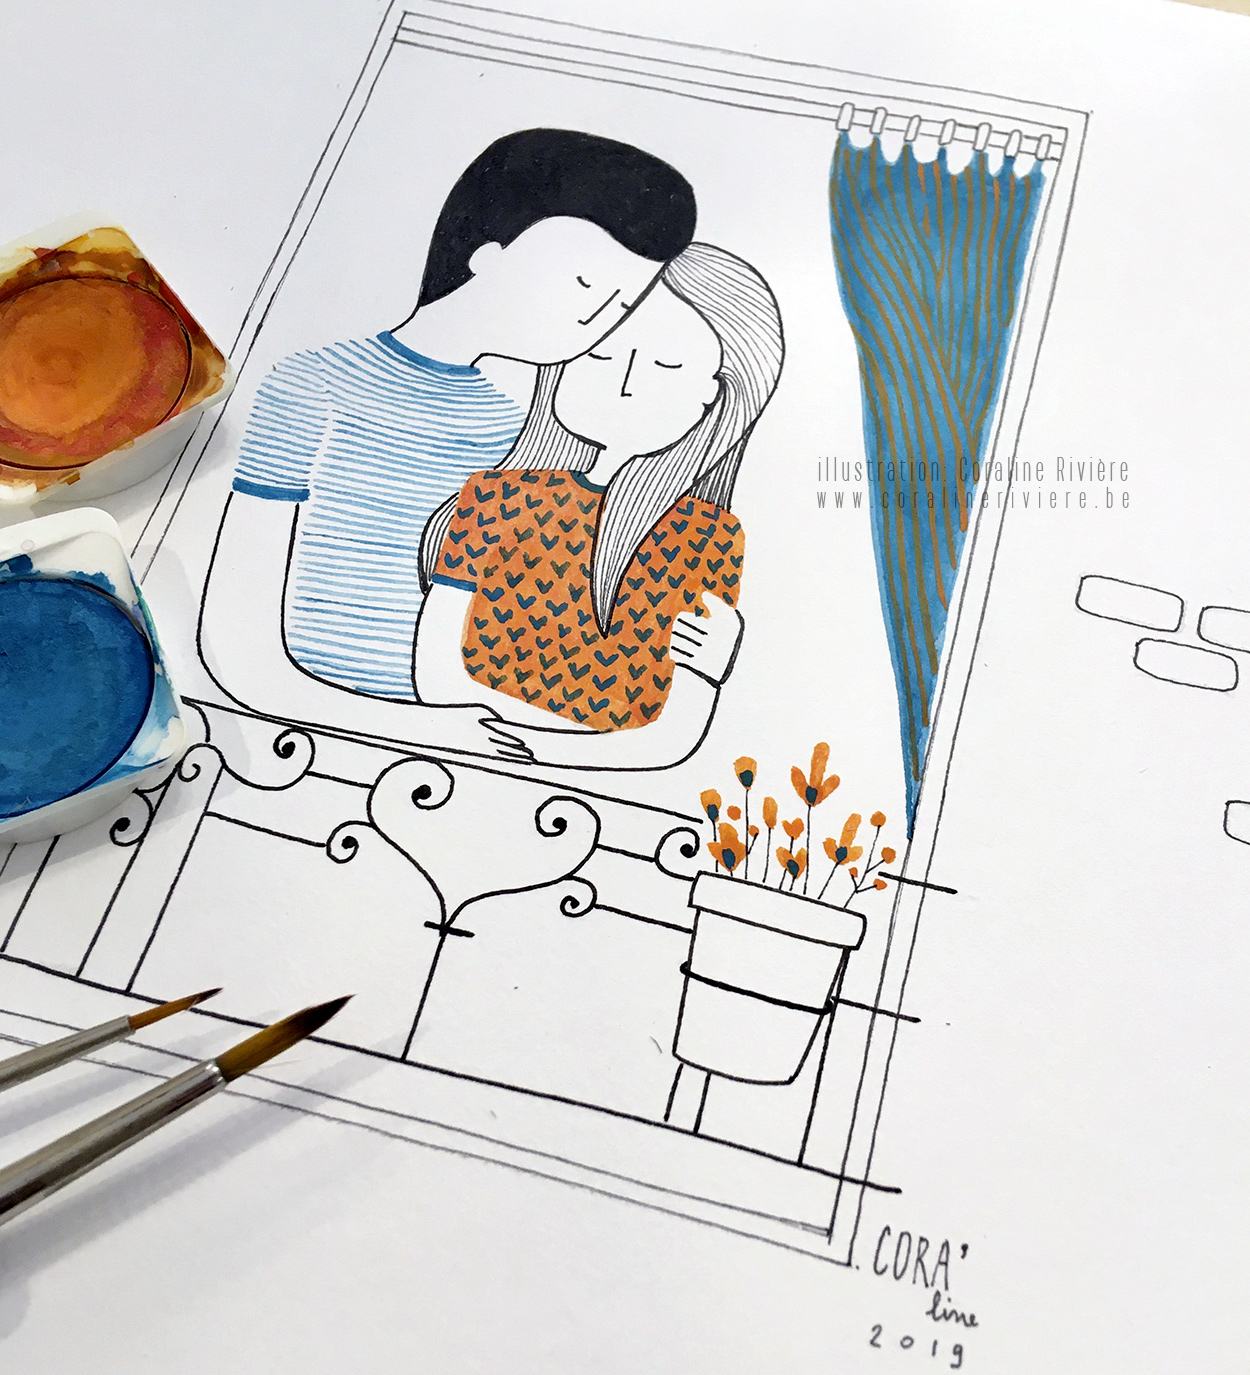 dessin aquarelle couple enlace au balcon fenetre vent dans les rideaux poesie